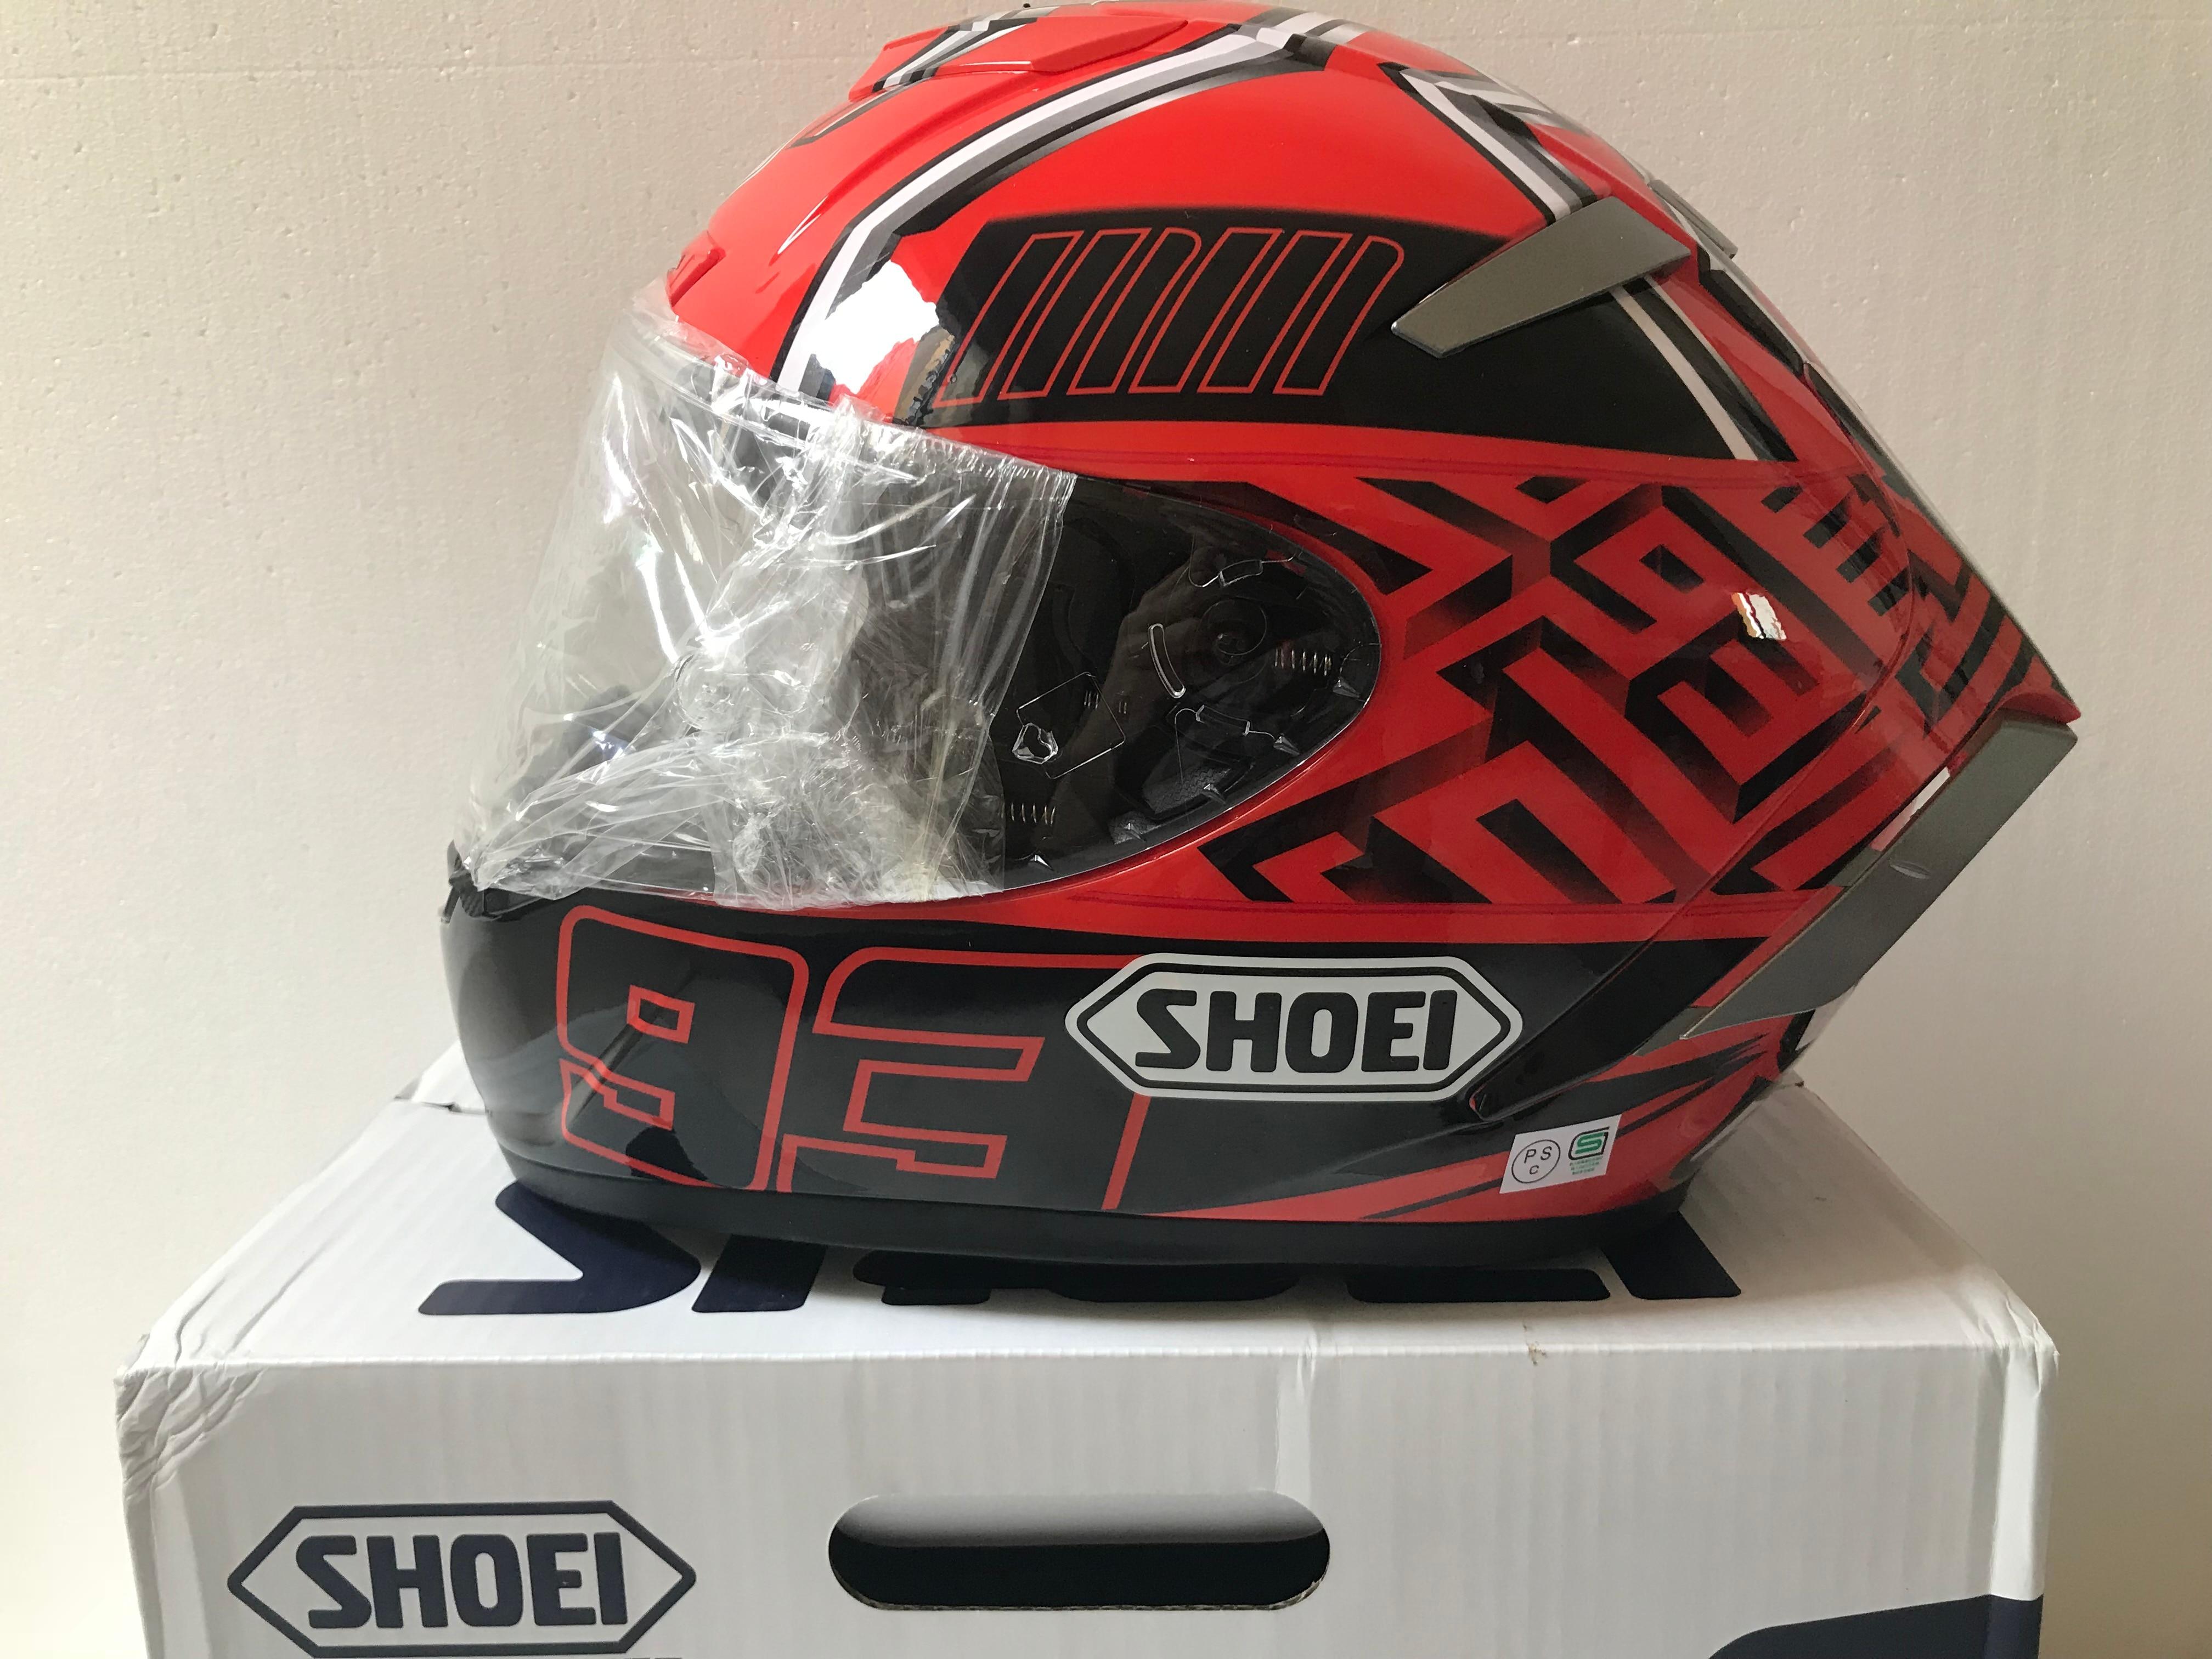 Мотоциклетный шлем в горошек с полным лицевым покрытием, зимний модный быстросъемный шлем